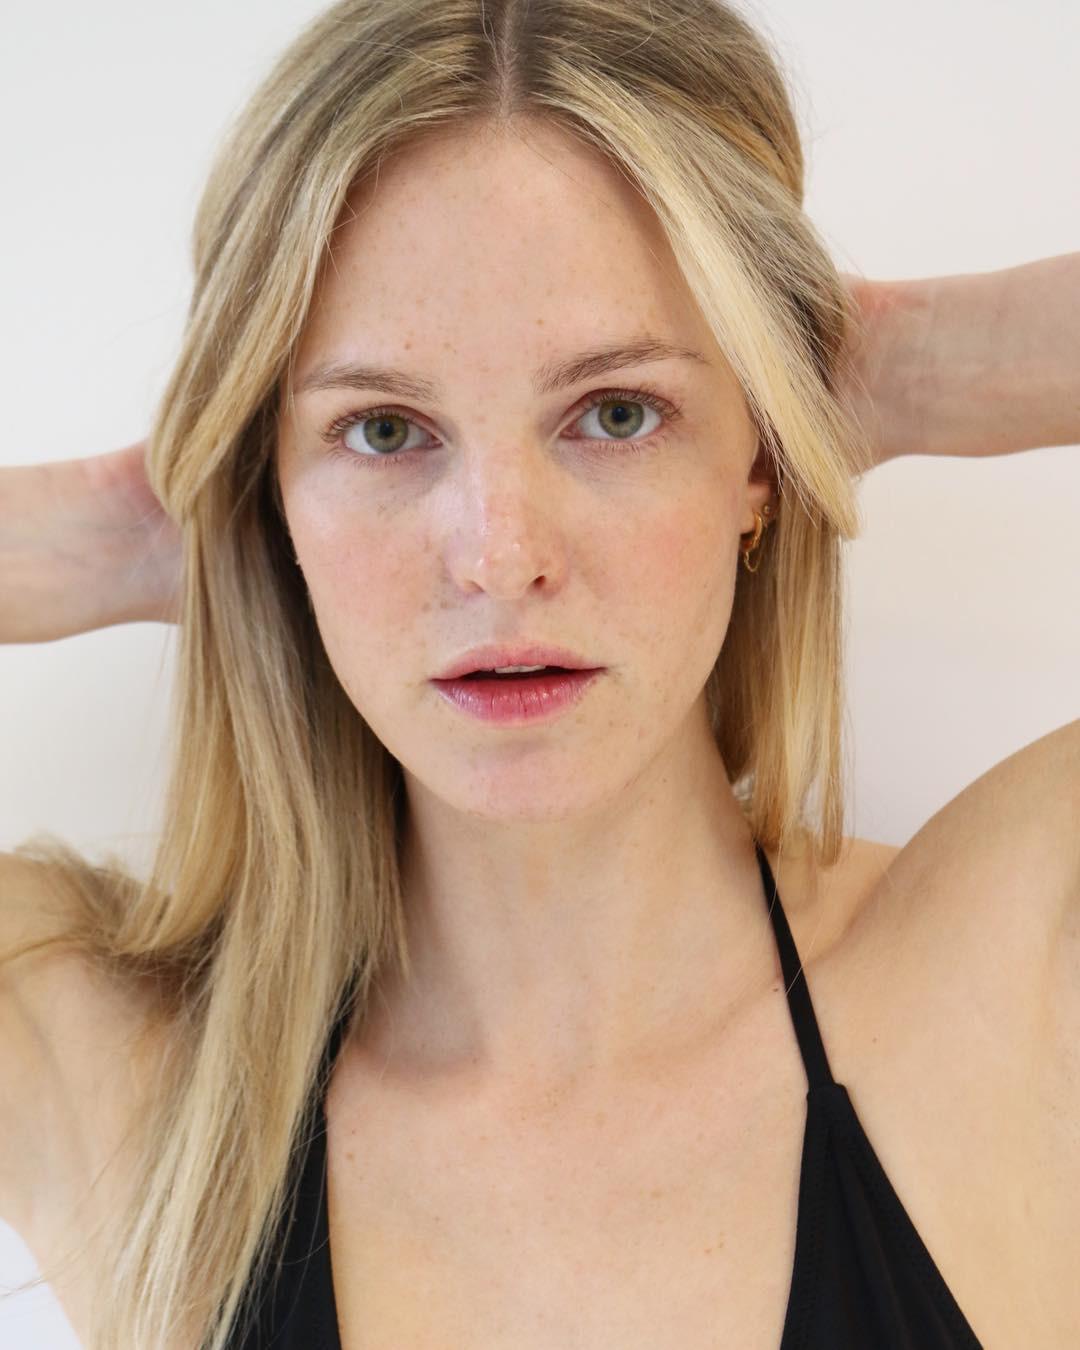 Đừng 'ngó lơ' 6 tips chăm da sau của các người mẫu bởi rất có thể, bạn sẽ tìm thấy chìa khóa nâng cấp nhan sắc 2